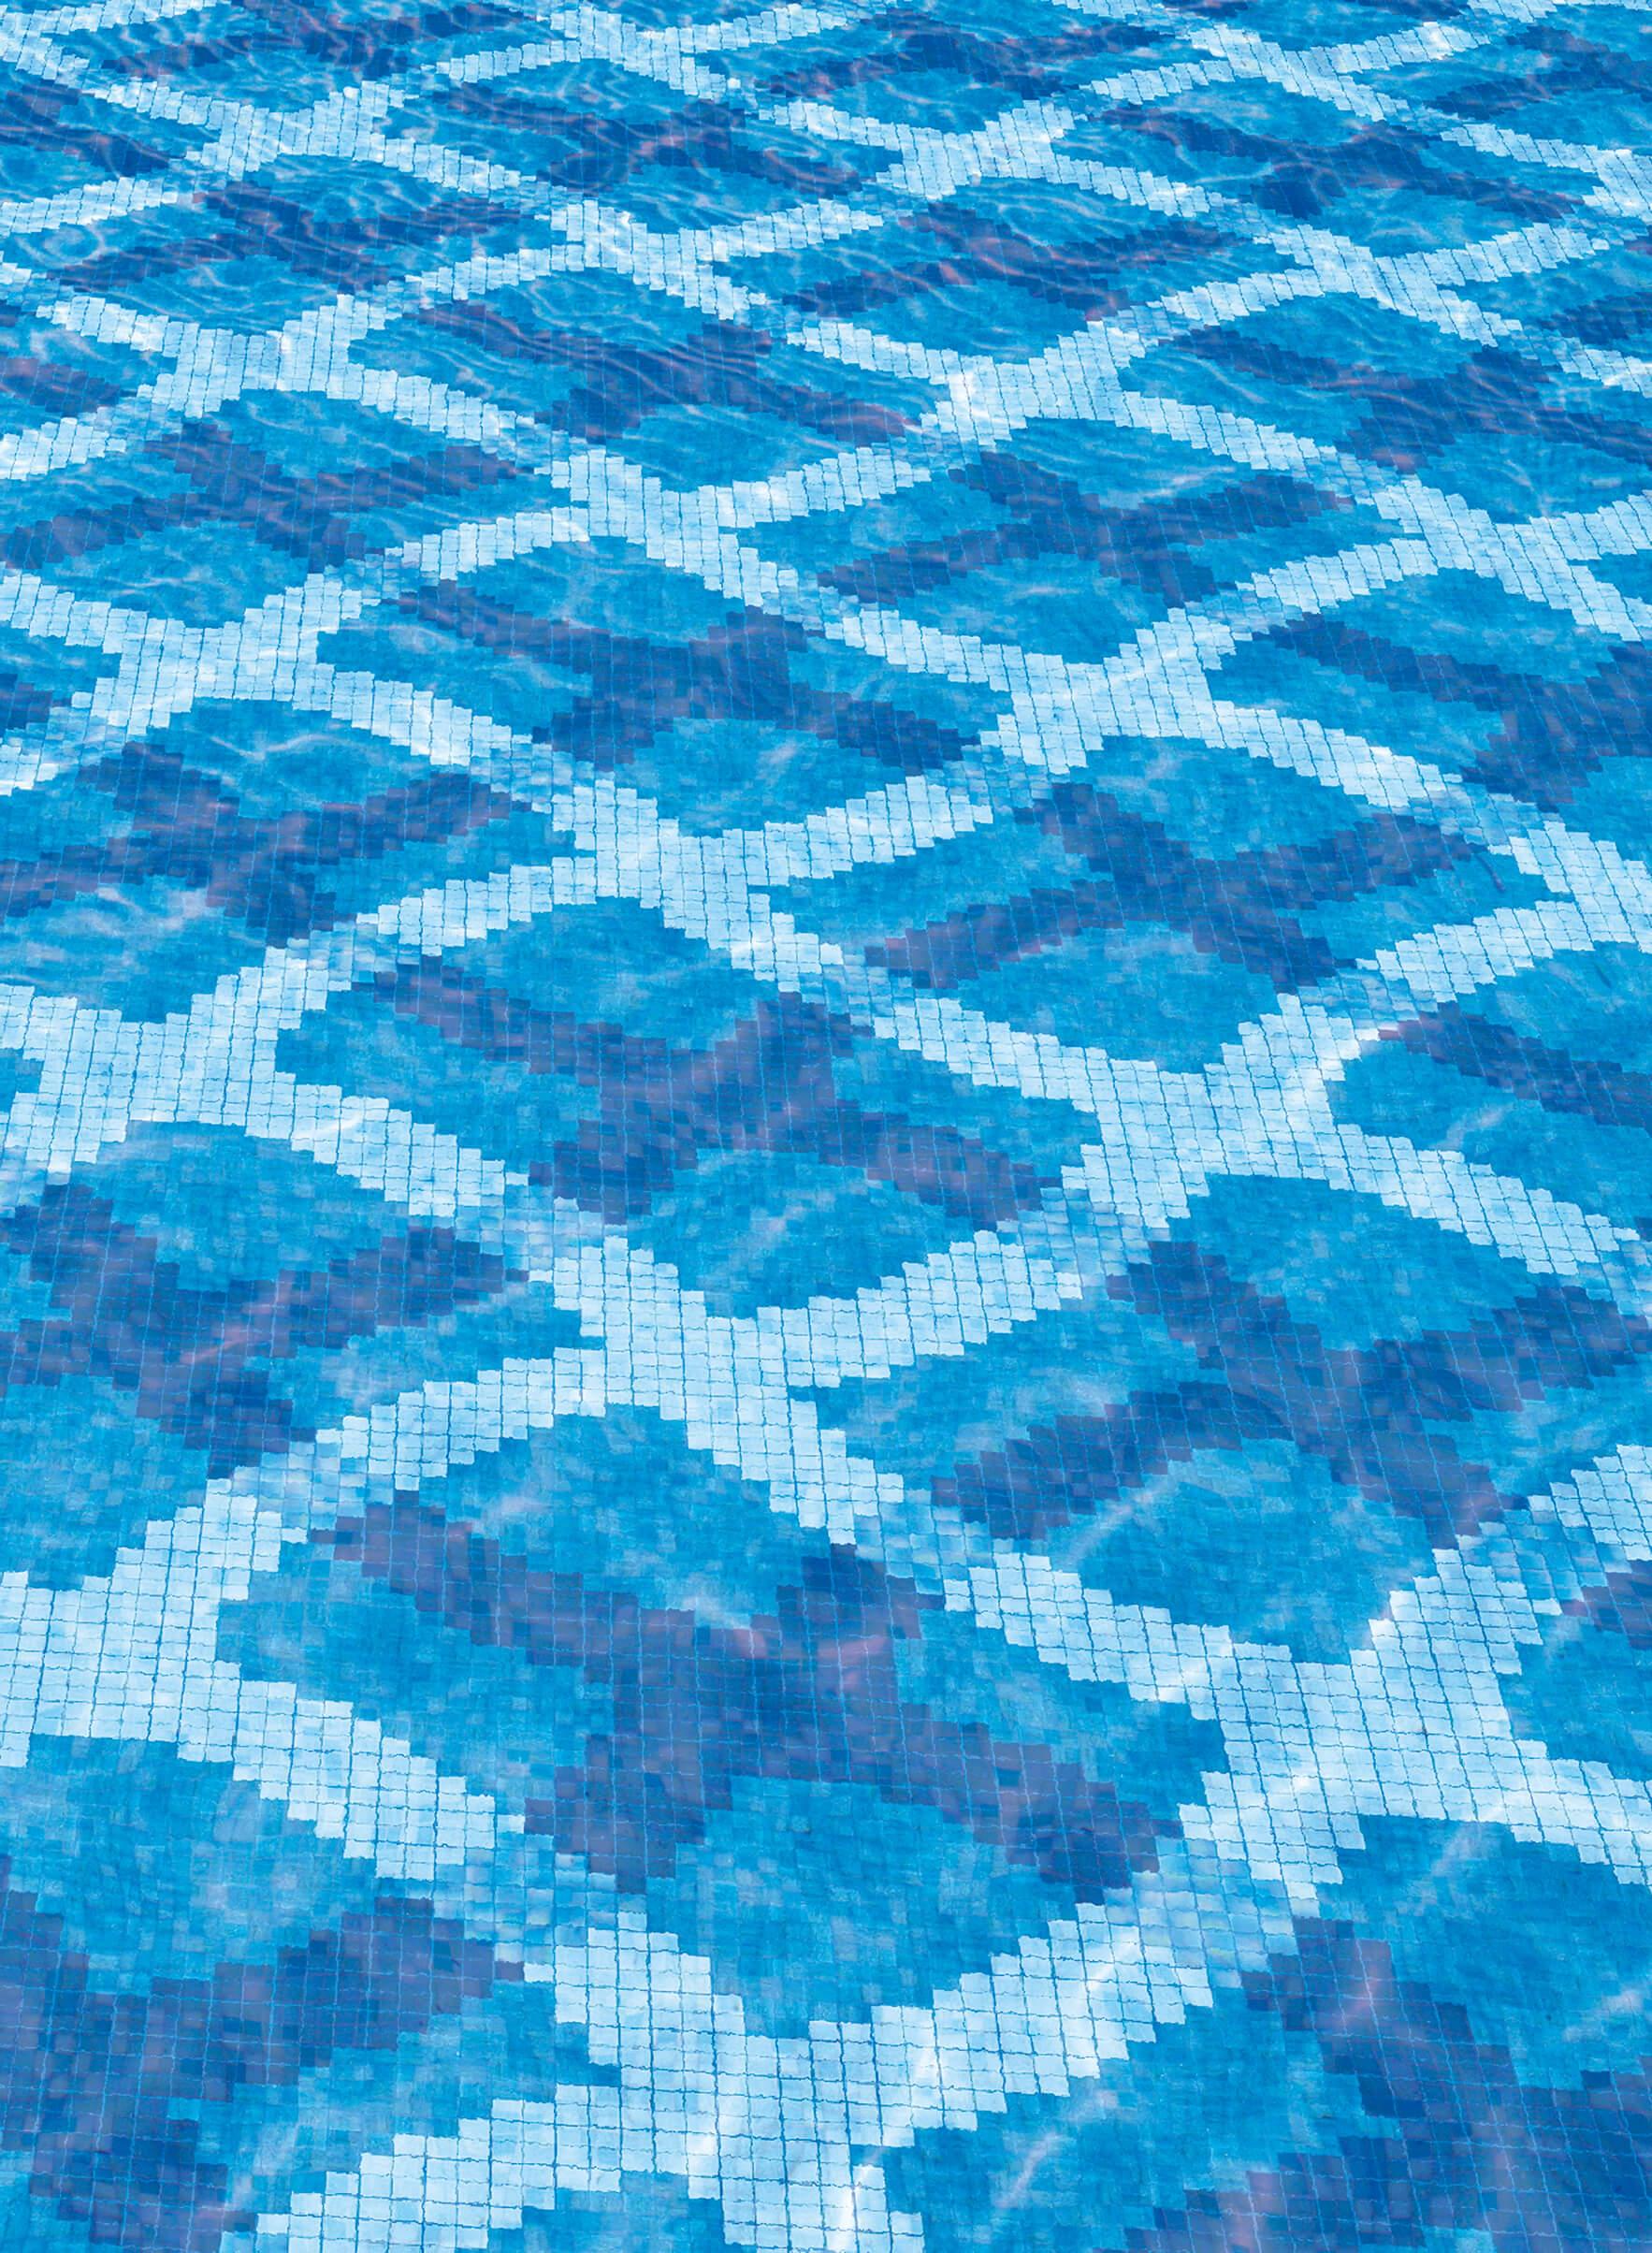 Mirage Blue